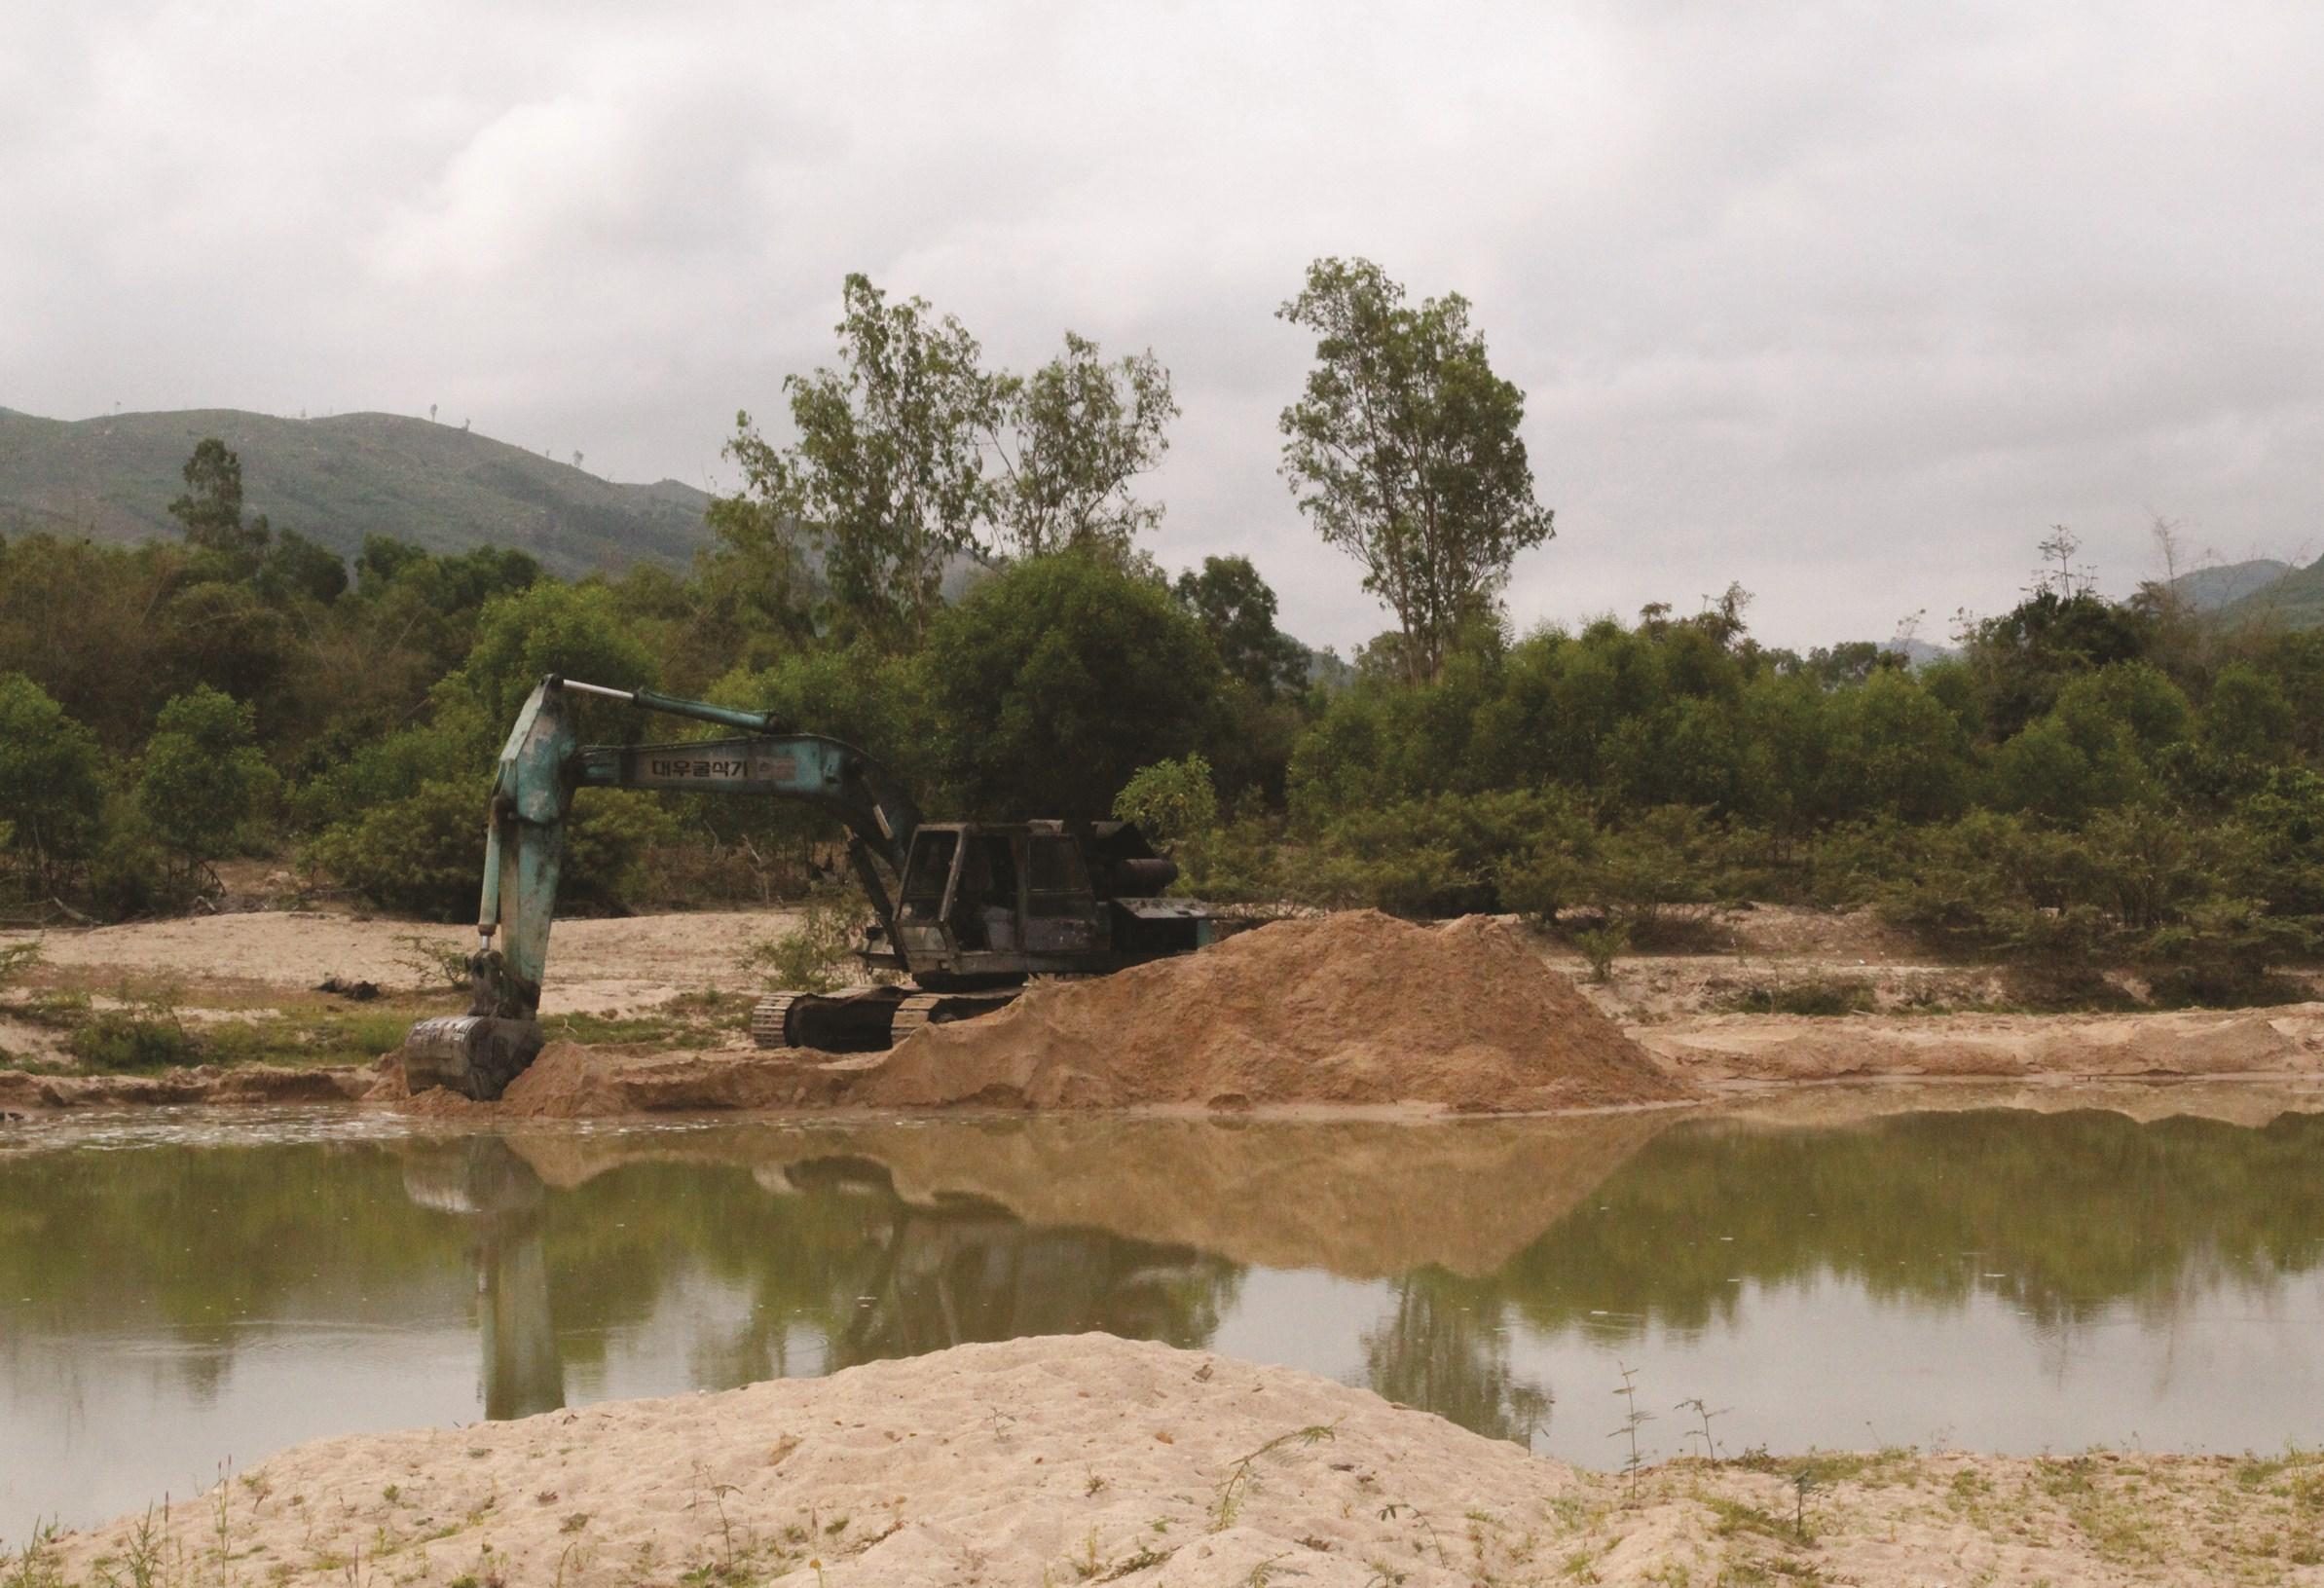 Doanh nghiệp không phép vẫn ngang nhiên khai thác cát trên sông An Lão